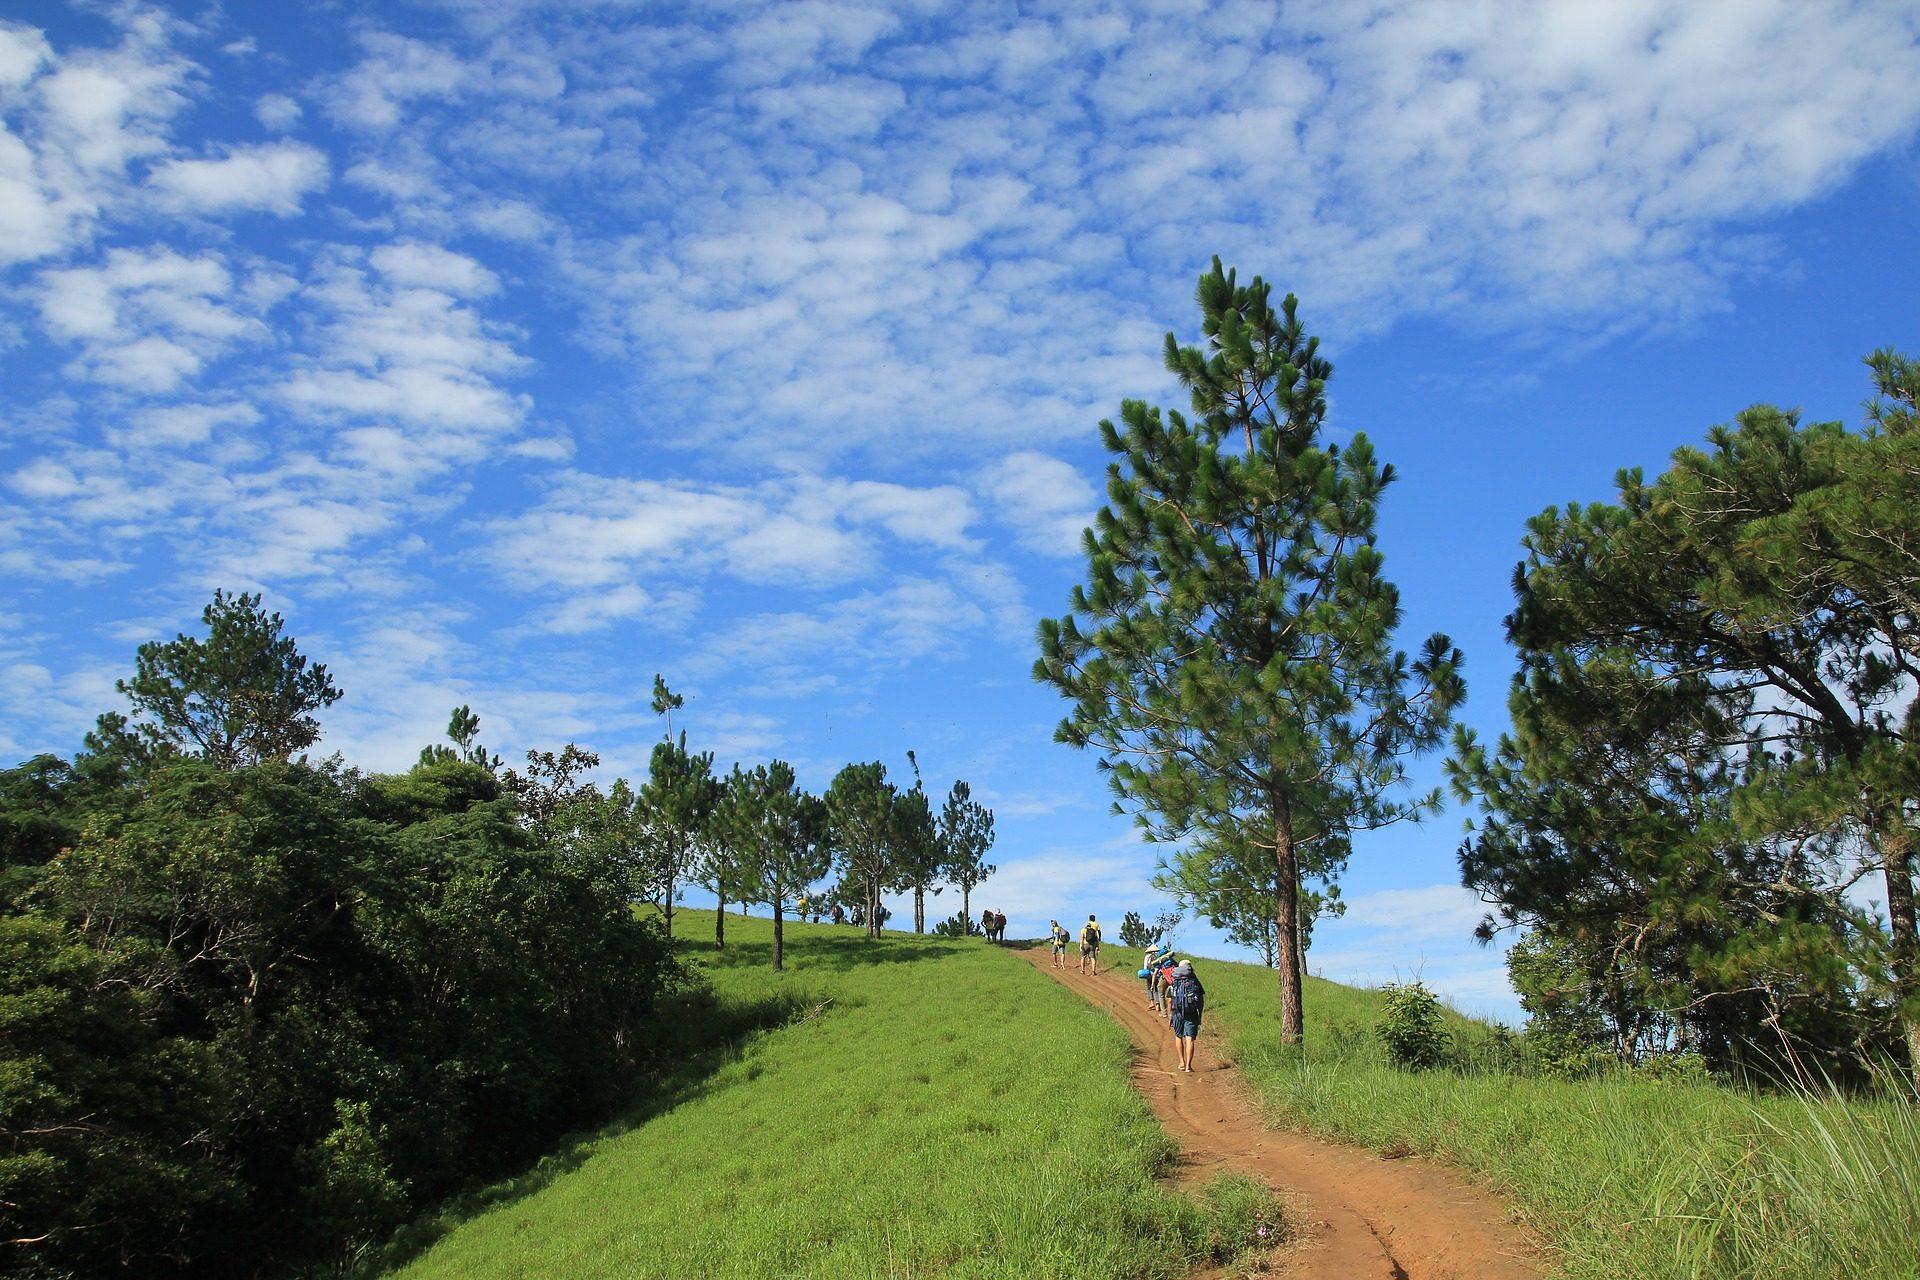 الرصيف, الطريق, الغطاء النباتي, مشوا, الأشجار, السماء, السحب. - خلفيات عالية الدقة - أستاذ falken.com